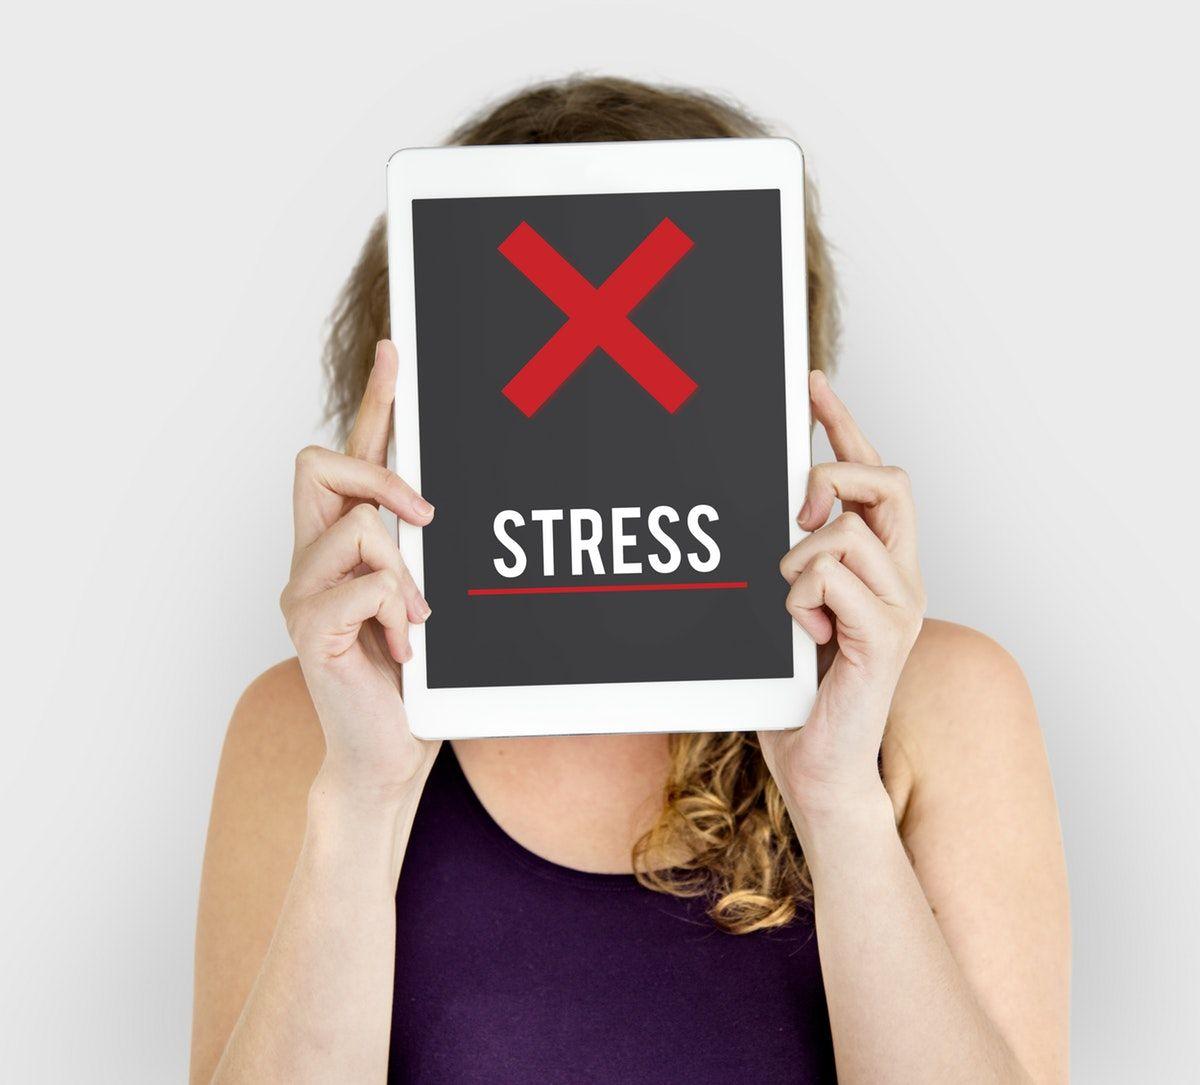 ¿Puedes hacer frente? Prueba de ansiedad, depresión y estrés